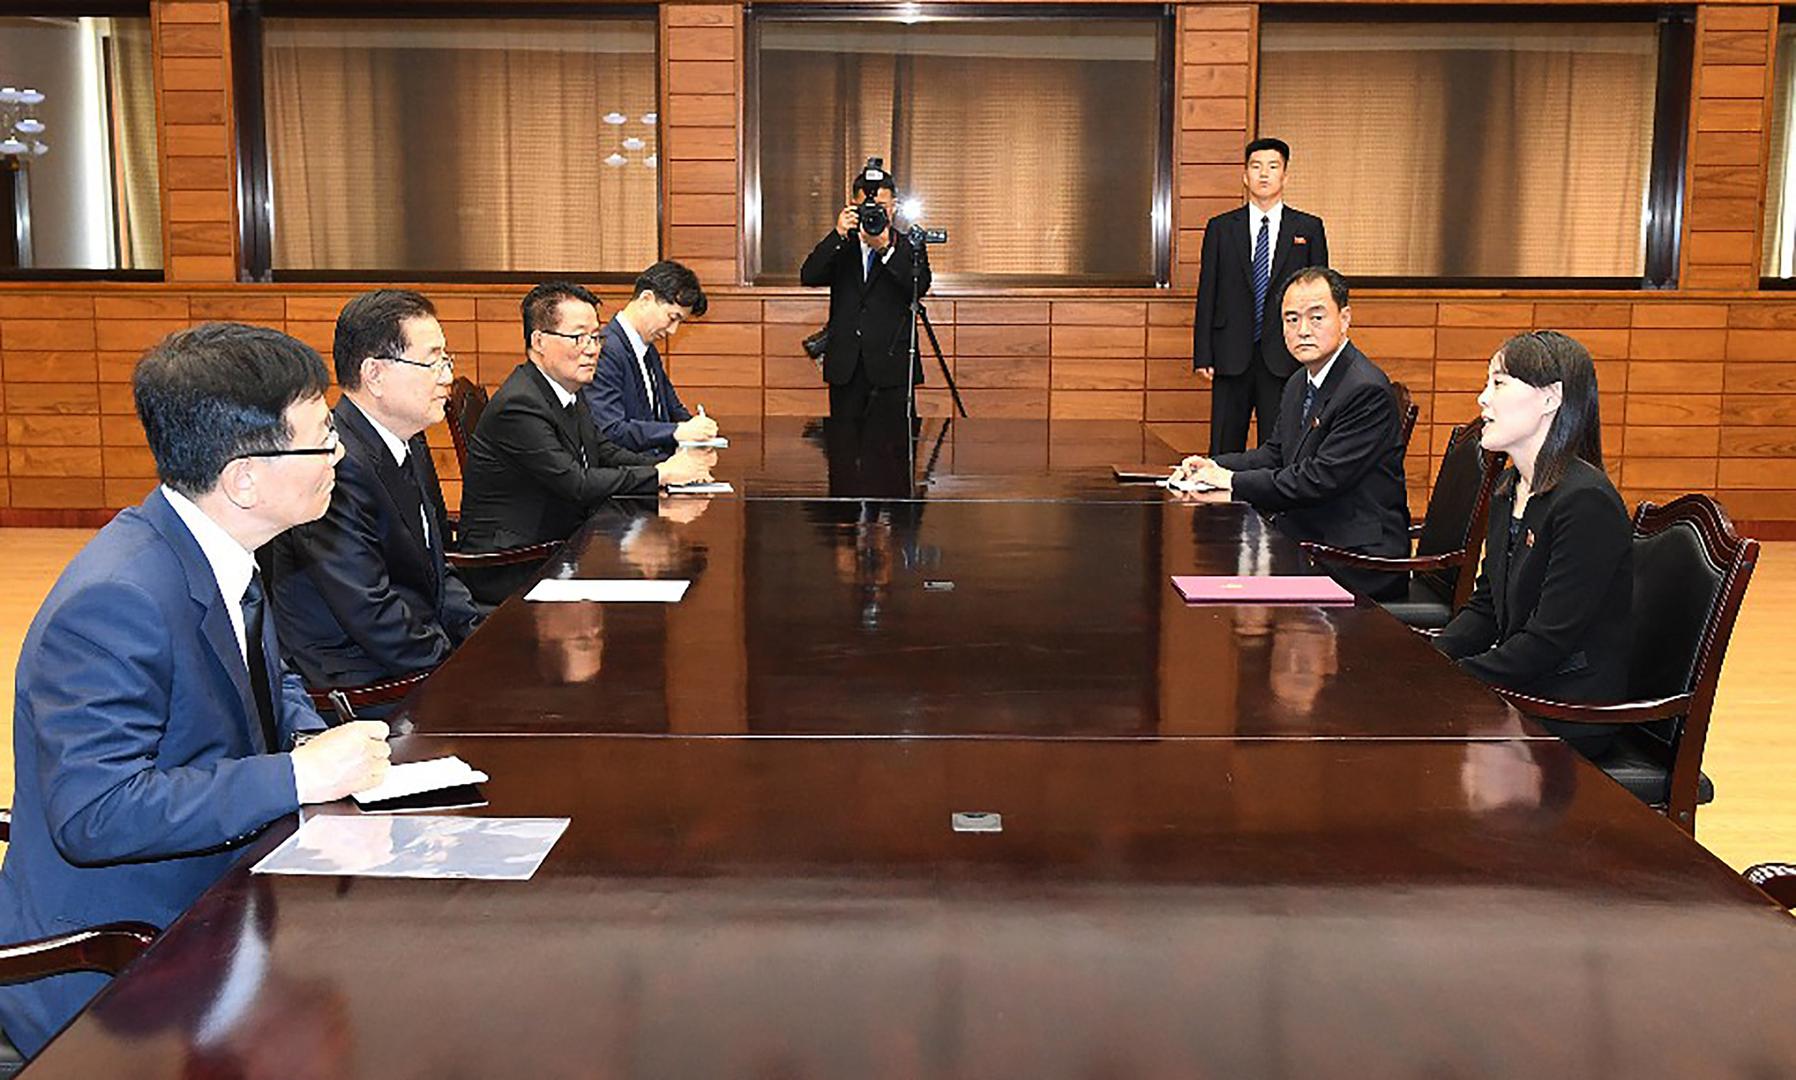 وزارة الوحدة الكورية الجنوبية: يجب استئناف المحادثات بين الكوريتين في وقت مبكر